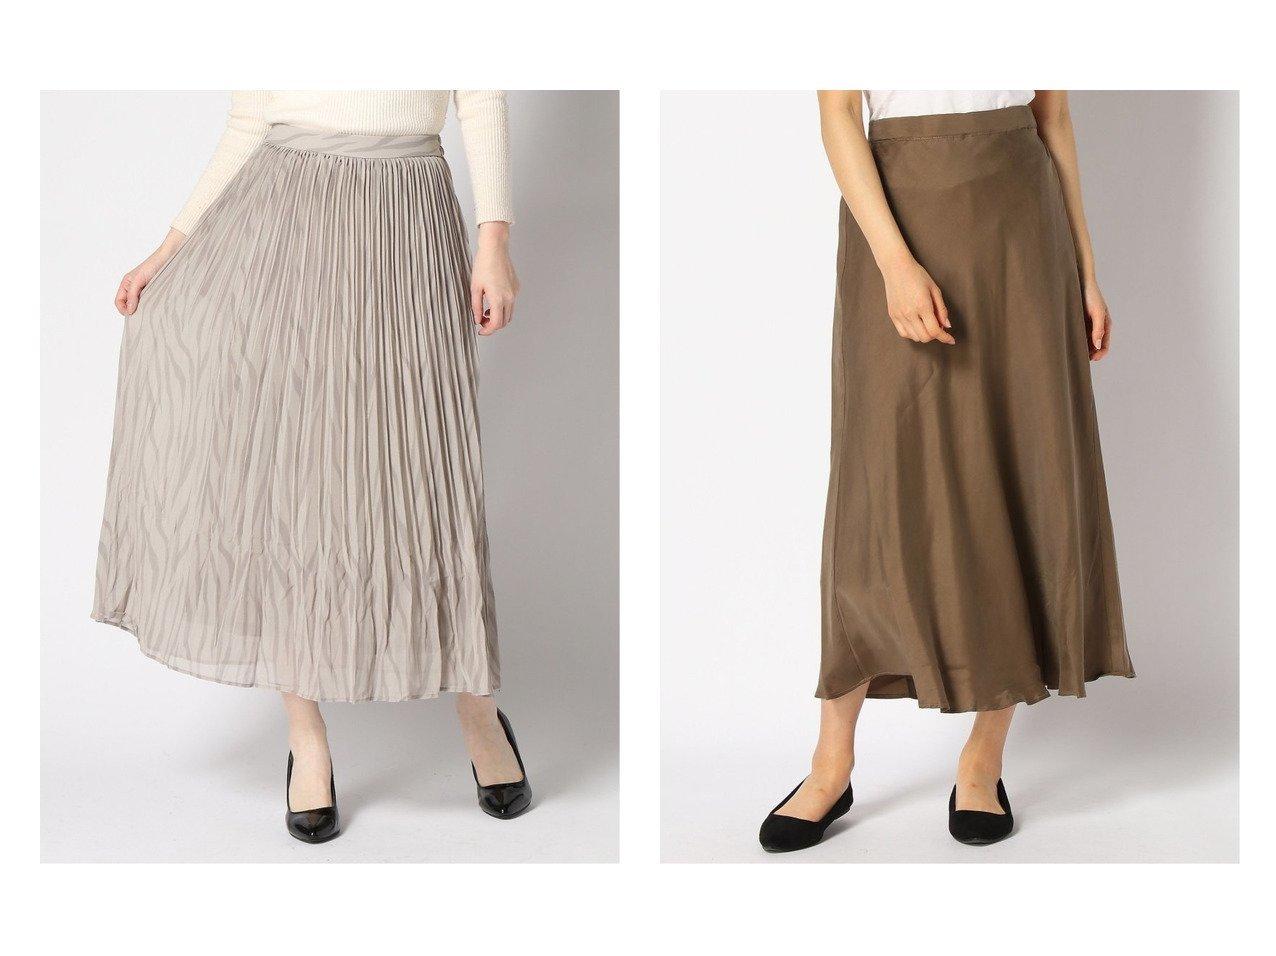 【LOWRYS FARM/ローリーズファーム】のフィブリルフレアスカート&【LEPSIM LOWRYS FARM/レプシィム ローリーズファーム】のプリントギャザーSK スカートのおすすめ!人気、レディースファッションの通販  おすすめで人気のファッション通販商品 インテリア・家具・キッズファッション・メンズファッション・レディースファッション・服の通販 founy(ファニー) https://founy.com/ ファッション Fashion レディース WOMEN スカート Skirt プリーツスカート Pleated Skirts Aライン/フレアスカート Flared A-Line Skirts ギャザー ドット フェミニン フリル プリント プリーツ ランダム レオパード 冬 Winter 定番 キュプラ サテン フレア リラックス |ID:crp329100000004079